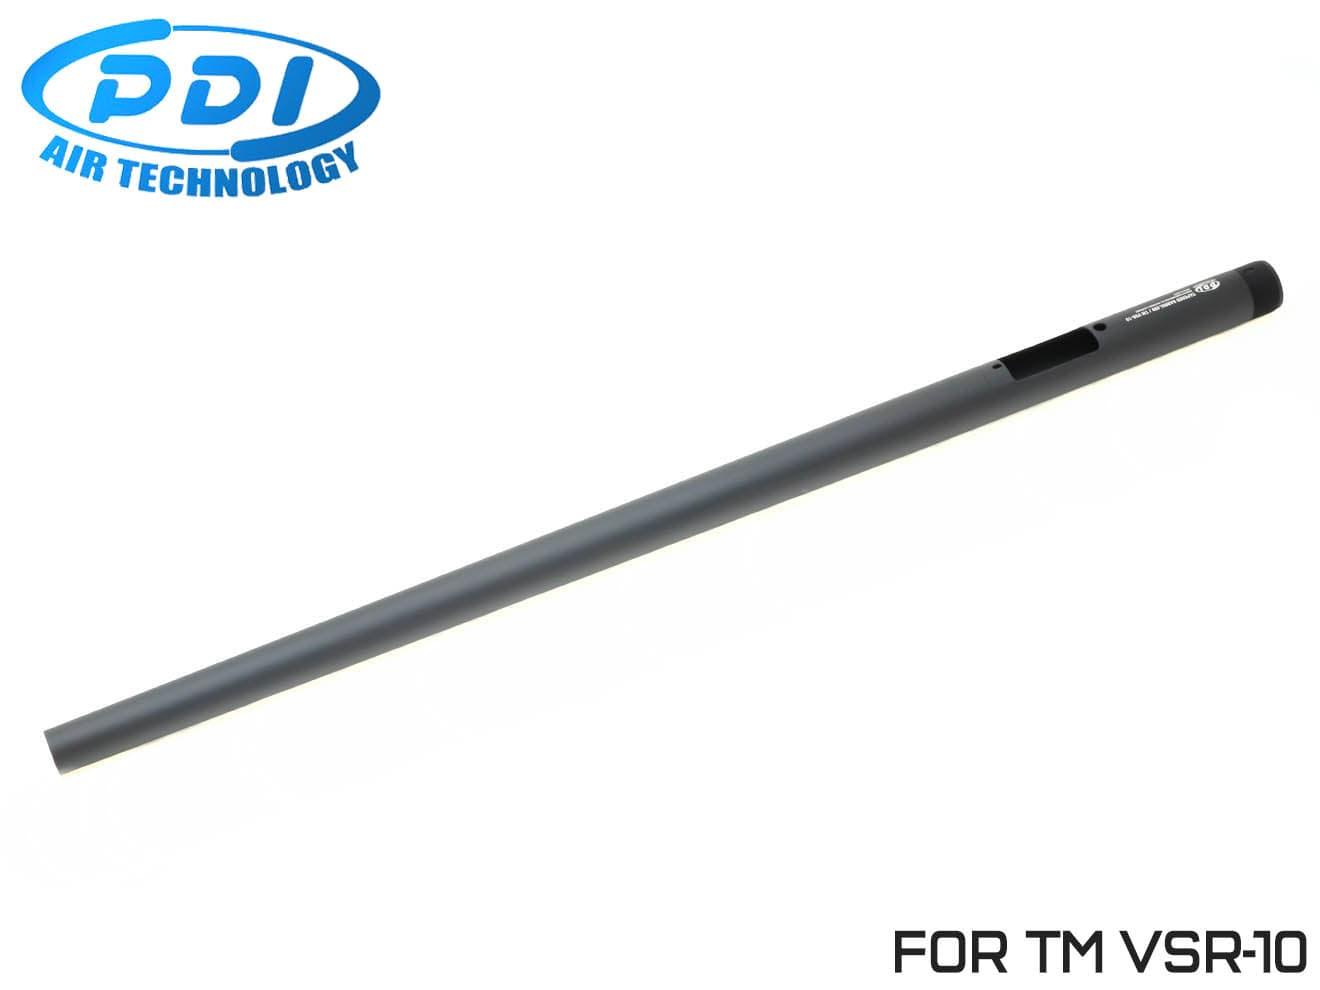 PDI テーパードバレル 東京マルイ VSR-10用 690mm◆フロントヘビー/ワンピースバレル/純正対応/テーパー加工